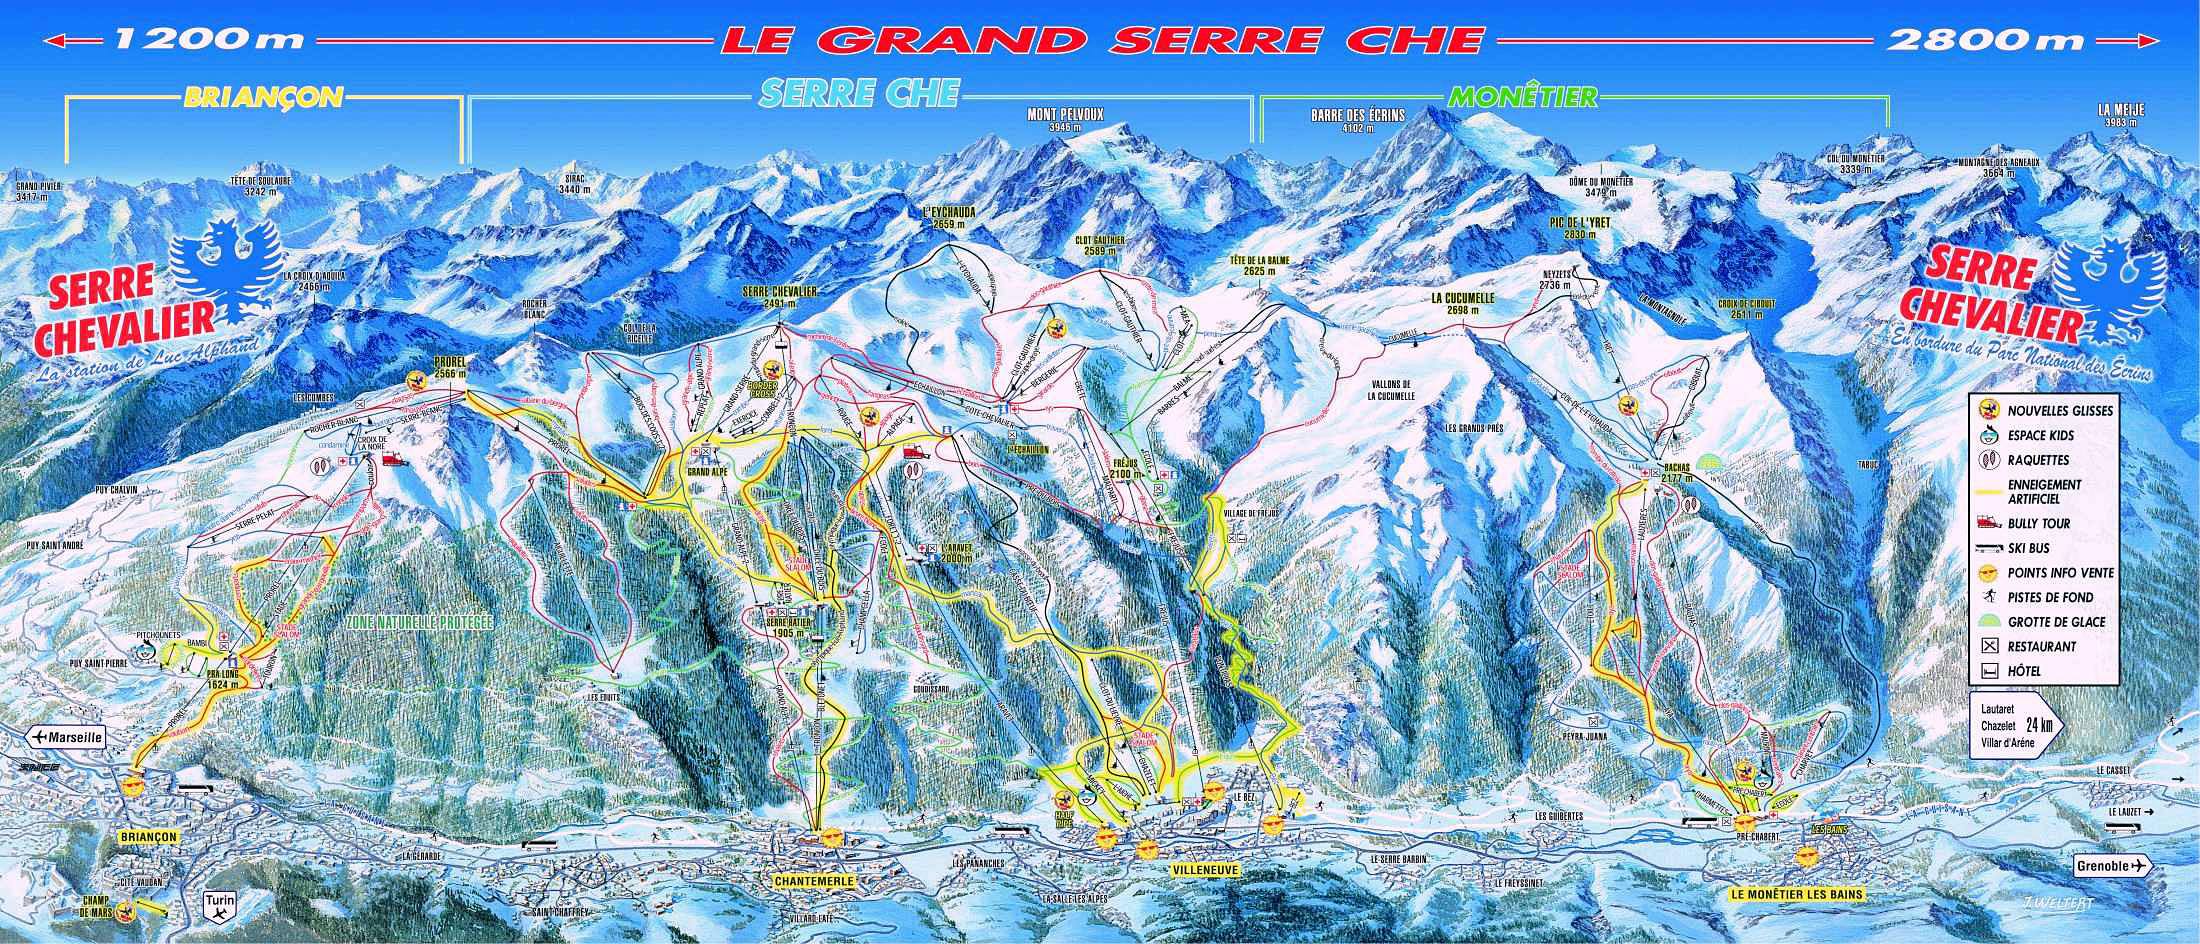 Serre Chevalier Piste Map Piste maps   SerreChevalier